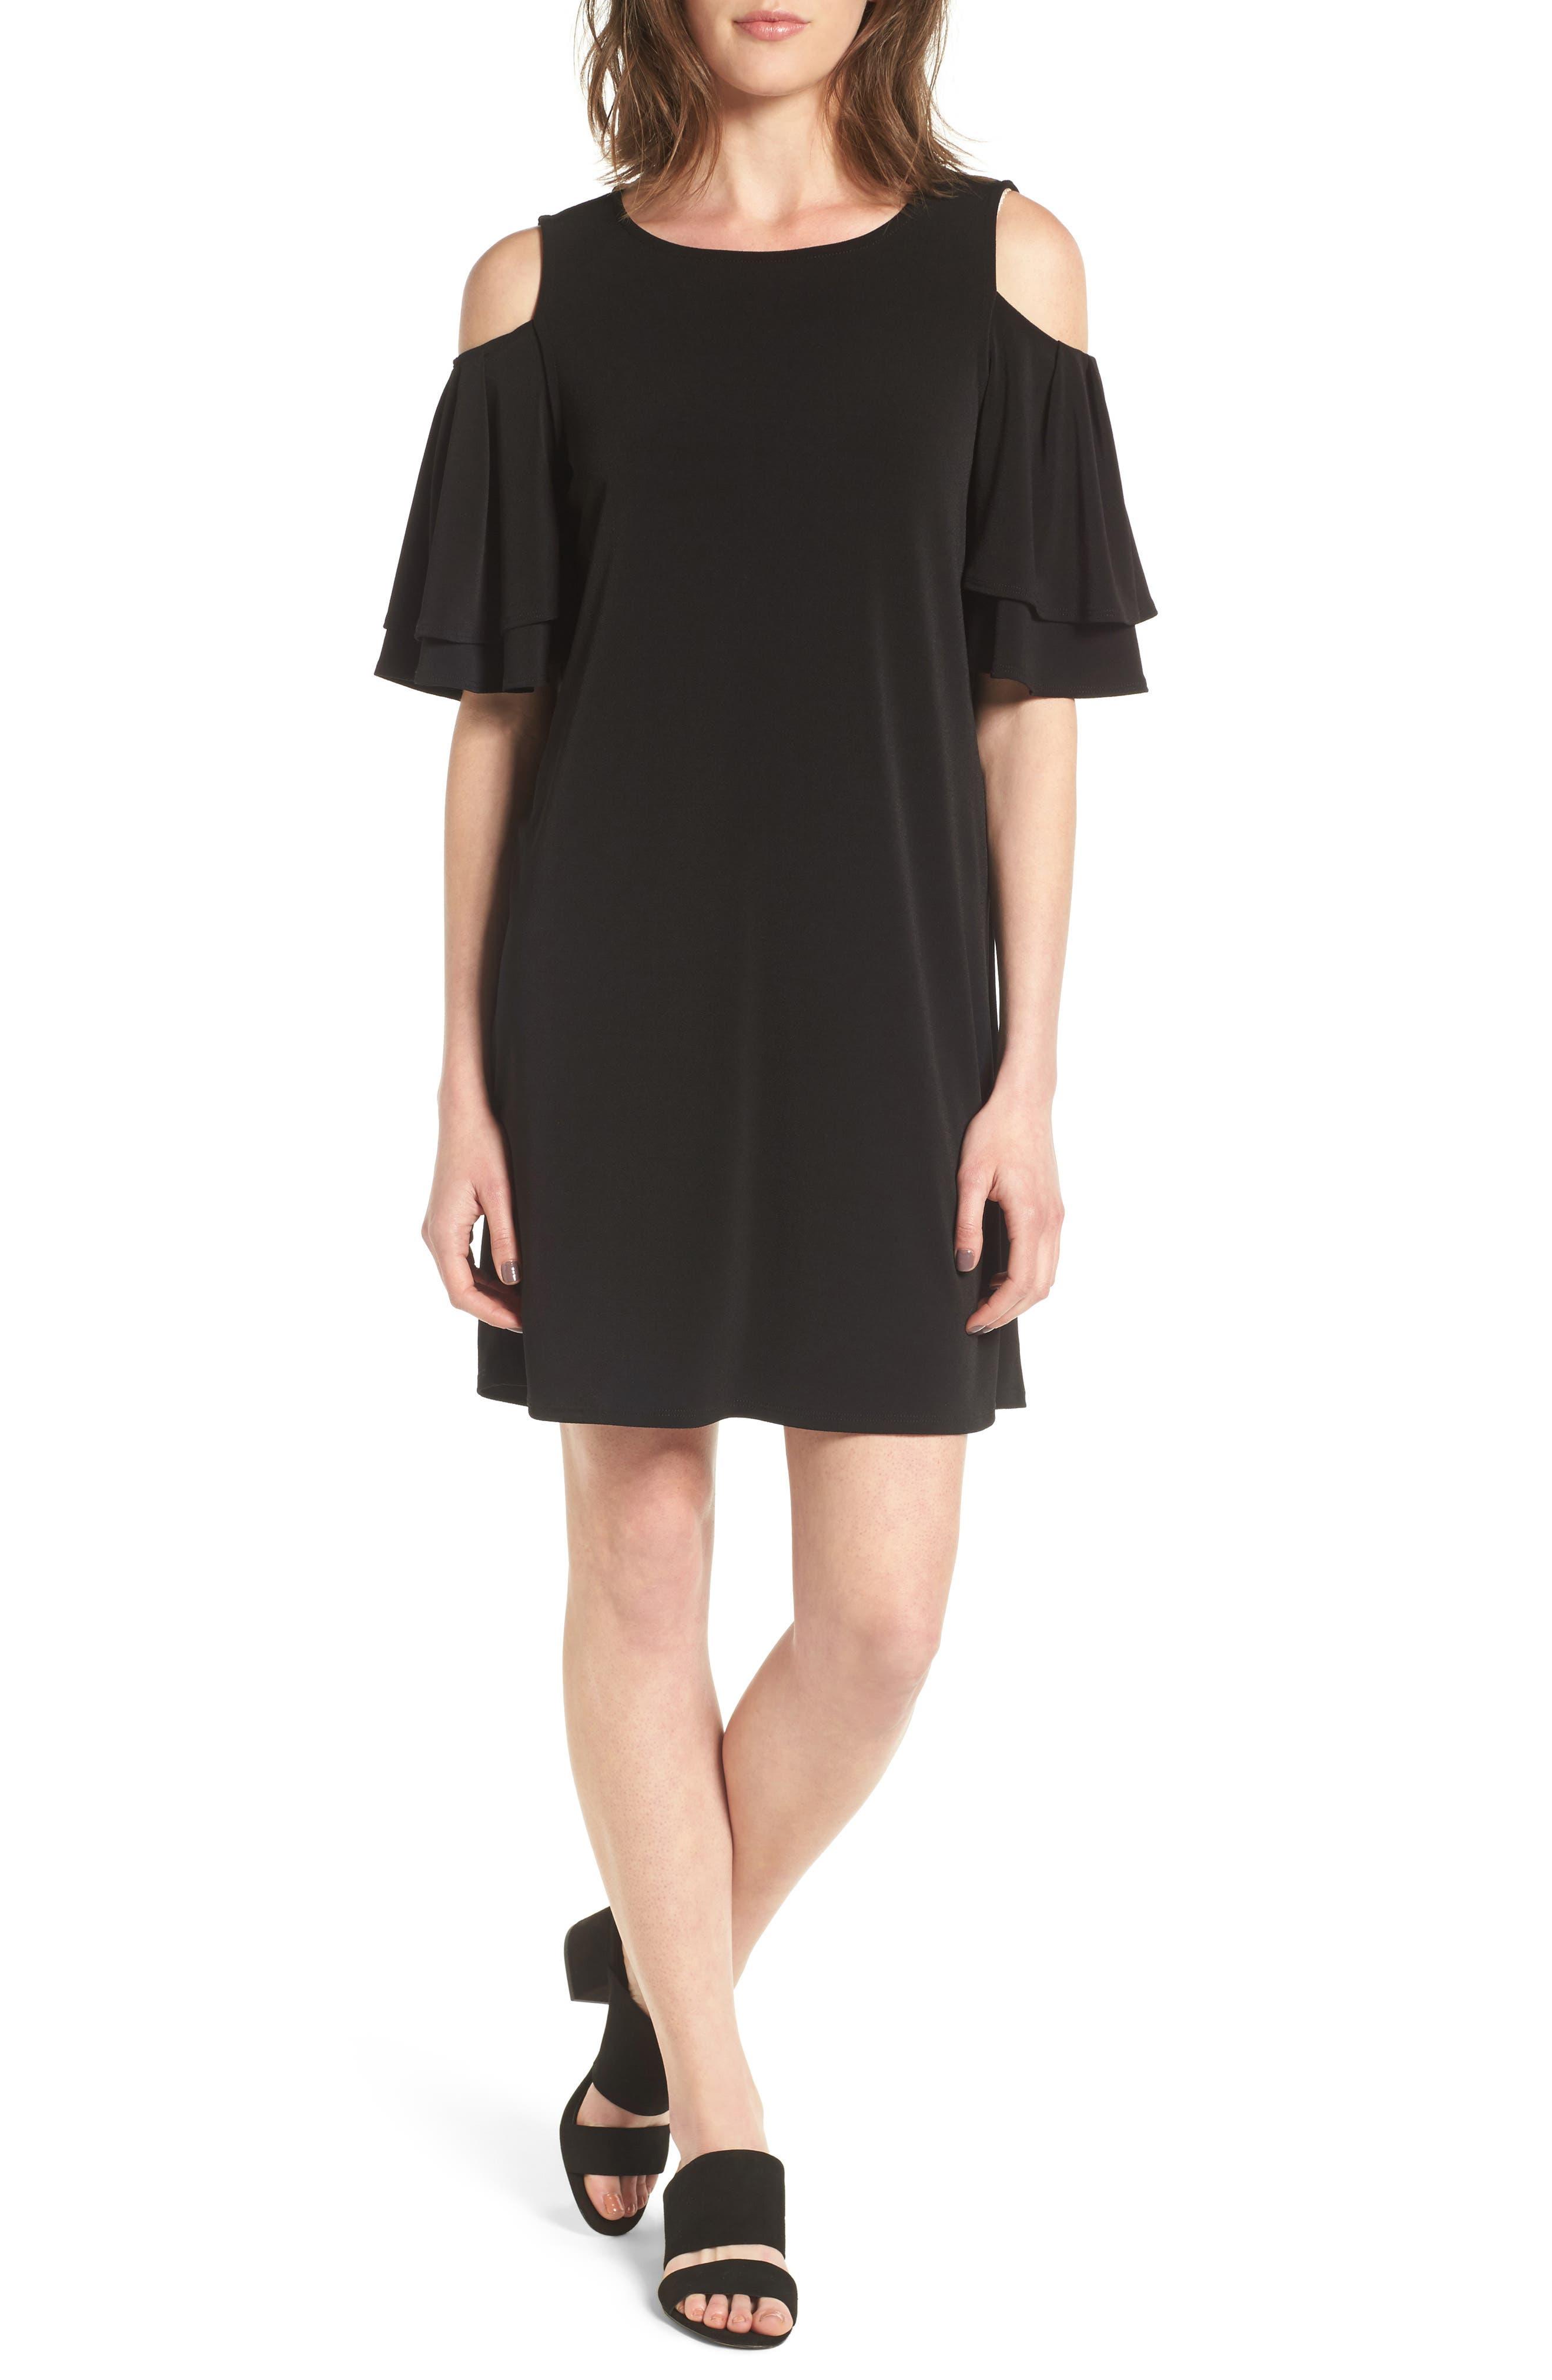 Alternate Image 1 Selected - Halogen® Cold Shoulder Shift Dress